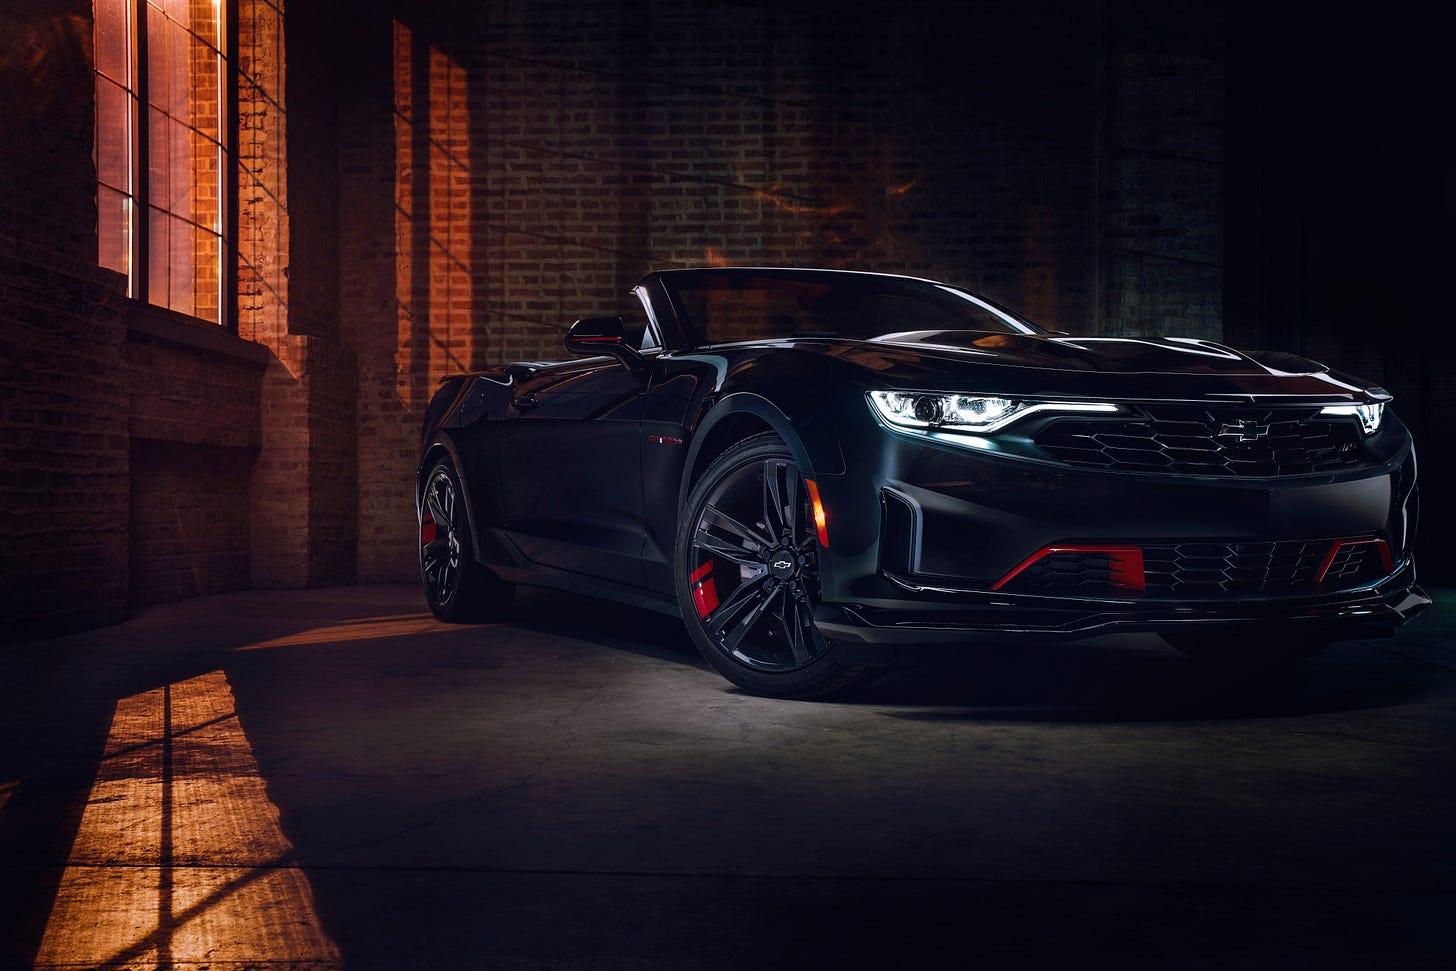 The 2021 Chevrolet Camaro Convertible